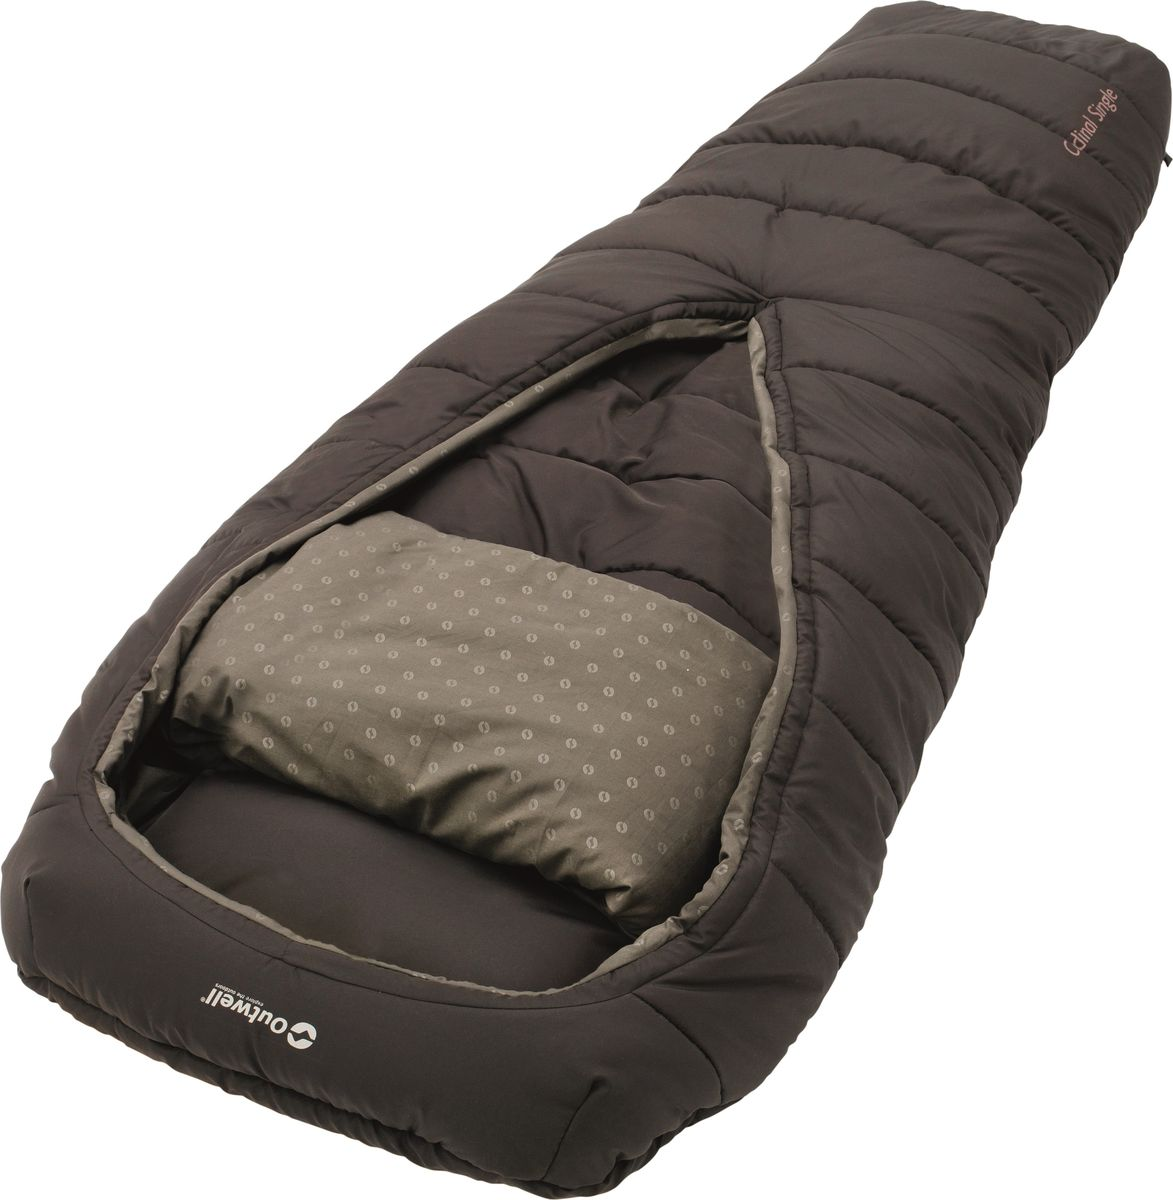 Спальный мешок Outwell Cardinal, кокон, цвет: коричневый, 220 x 85 см230178Спальный мешок Outwell Cardinal однослойный, прочный и ультра-мягкий. Удобный широкий мешок имеет инновационное исполнение без молнии с открывающейся частью округлой формы, просторное пространство внутри и цельное пуховое одеяло, помогает регулировать температуру и облегчает свободу движения.Особенности:Вшитая подушка.Молния в ногах для вентиляции.Уникальная коническая форма, с дополнительным пространством для ног.Компрессионный мешок.